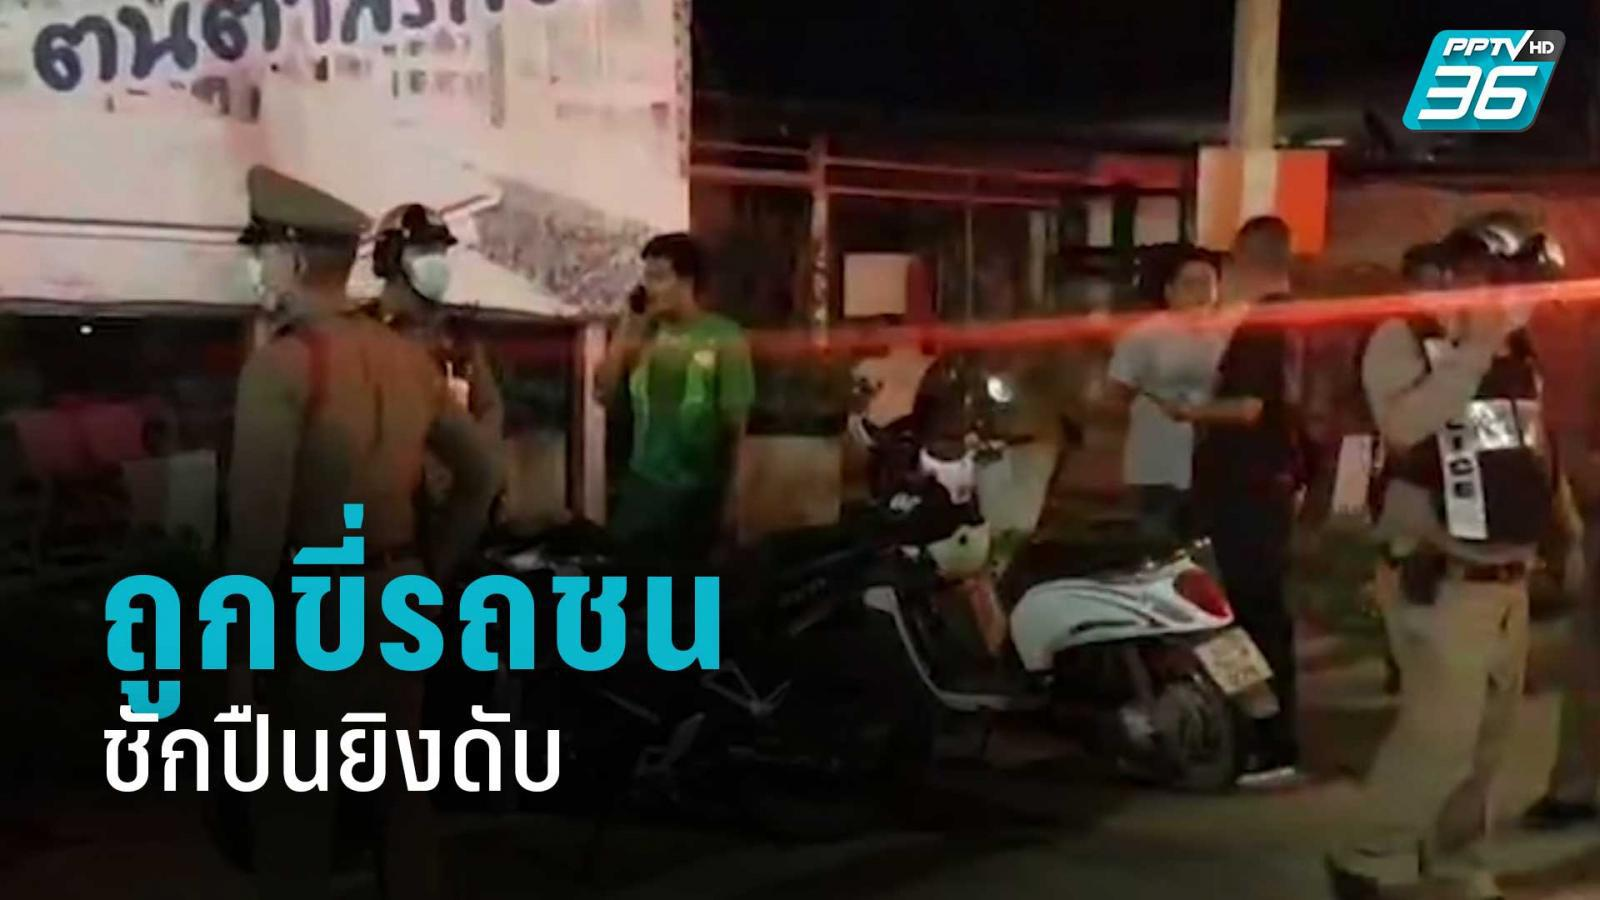 โจ๋ฉุน ถูกขี่รถชน ชักปืนยิงสวนดับ